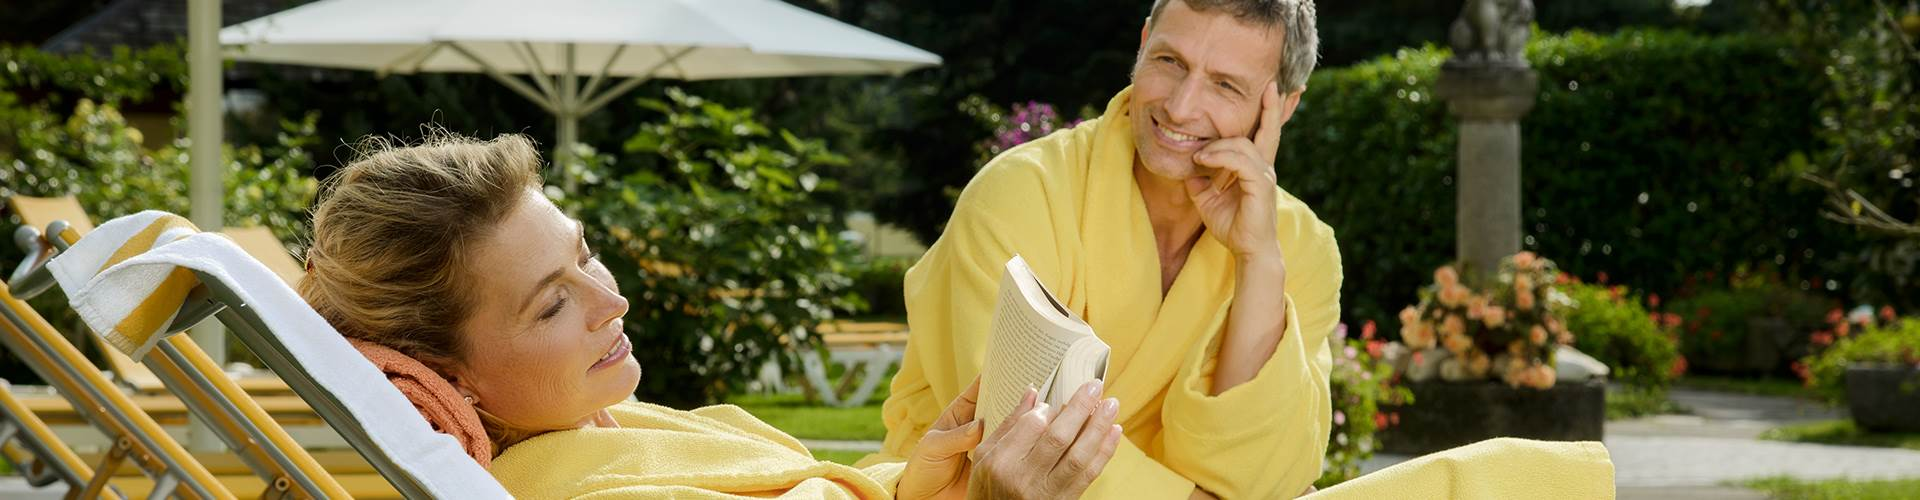 Paar in gelben Bademäntel auf einer Liege im Detail